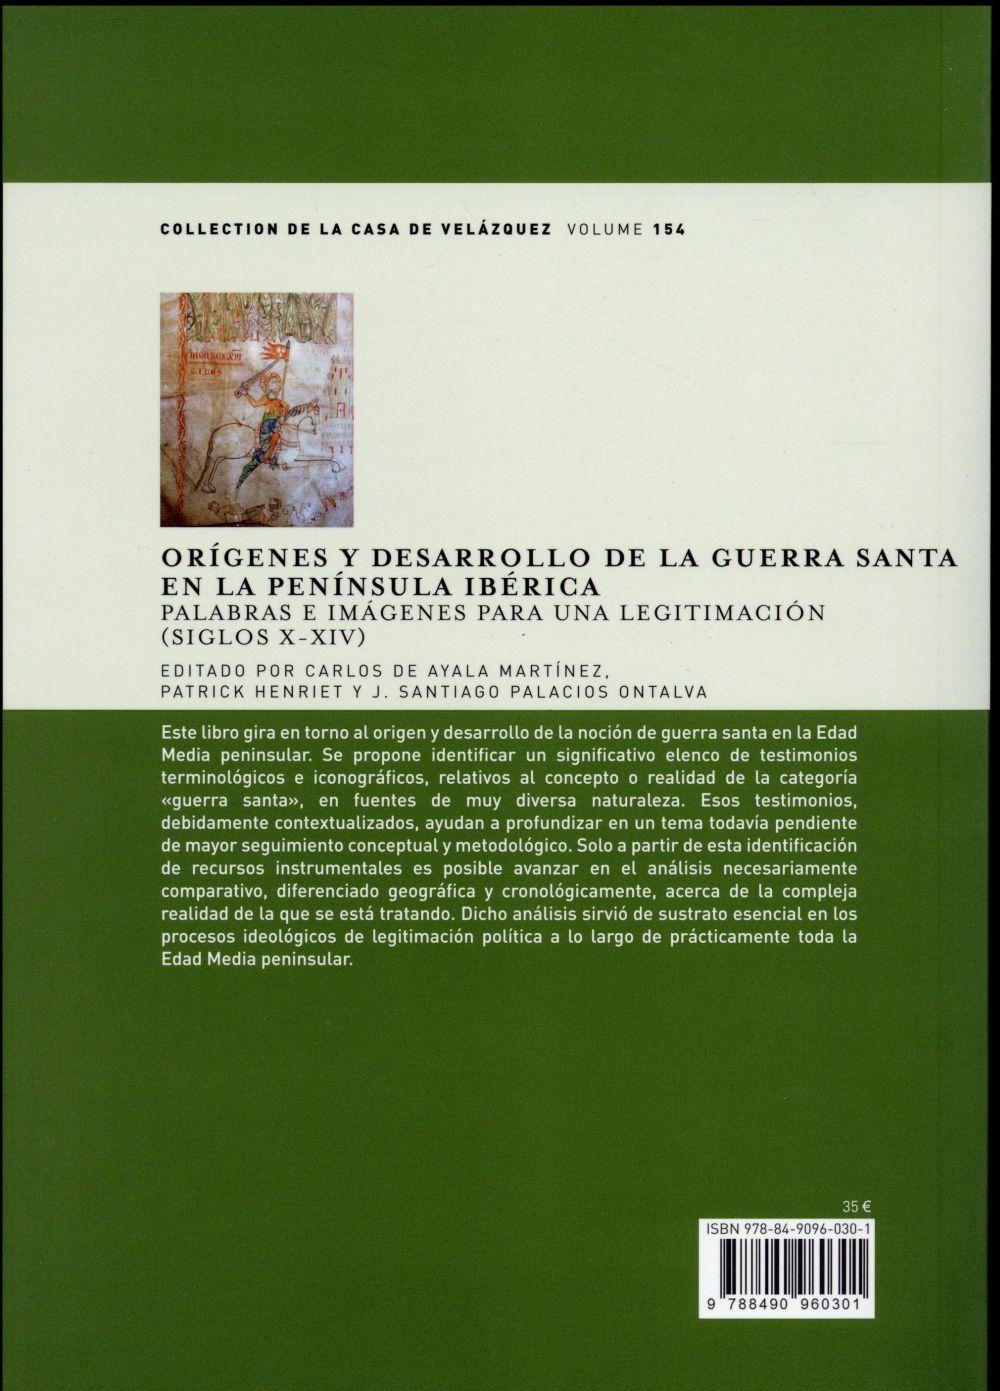 Origenes y desarrollo de la guerra santa en la peninsula iberica